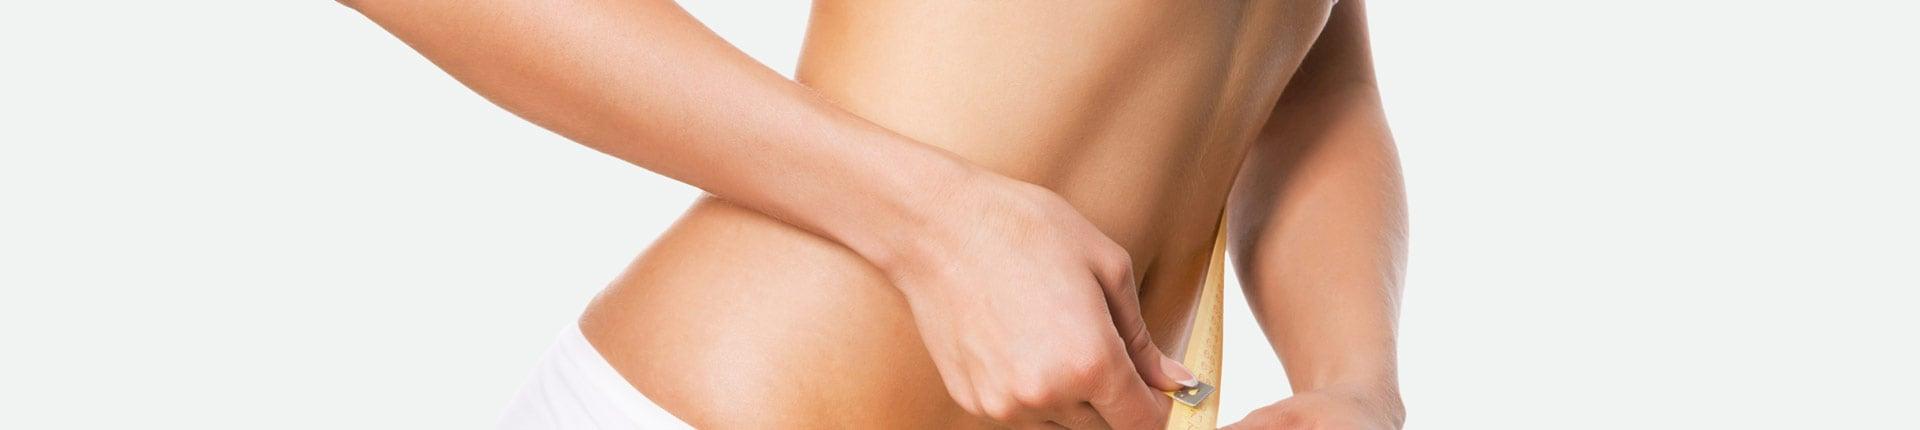 Nadmiar skóry: Co ze skórą po odchudzaniu? Jak uelastycznić skórę?